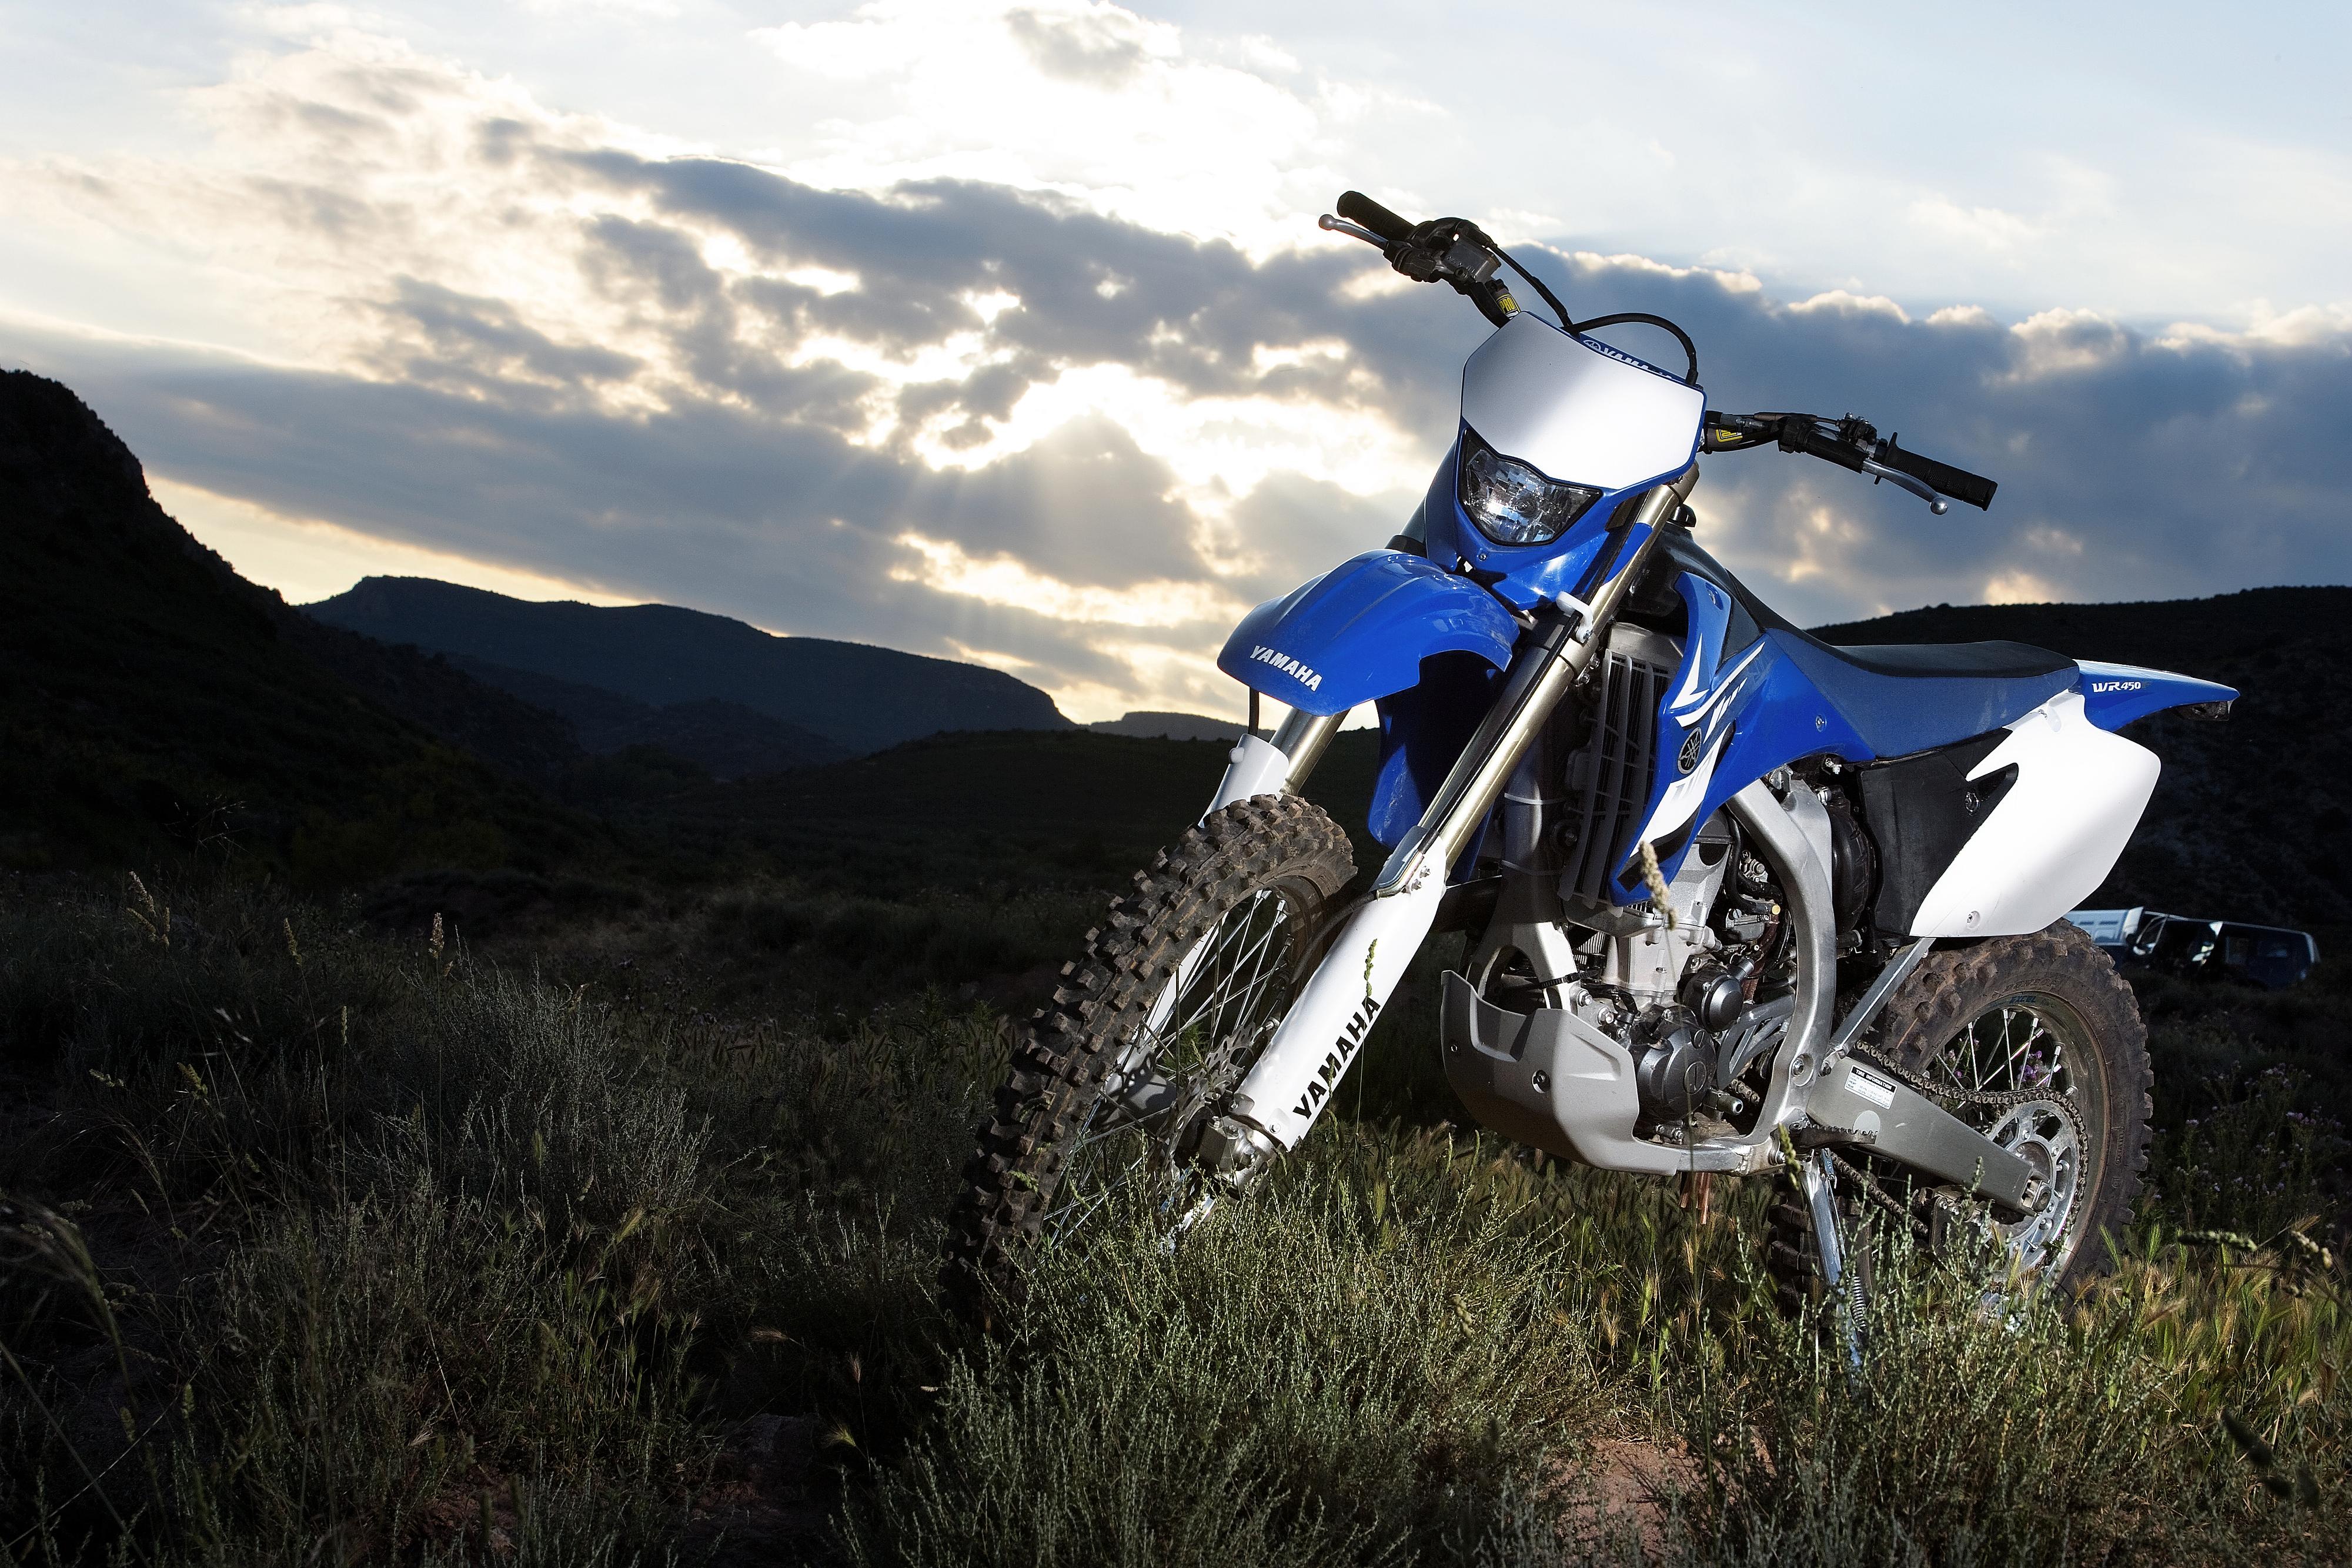 Картинки Ямаха 2007-10 WR450F мотоцикл 4000x2667 Yamaha Мотоциклы